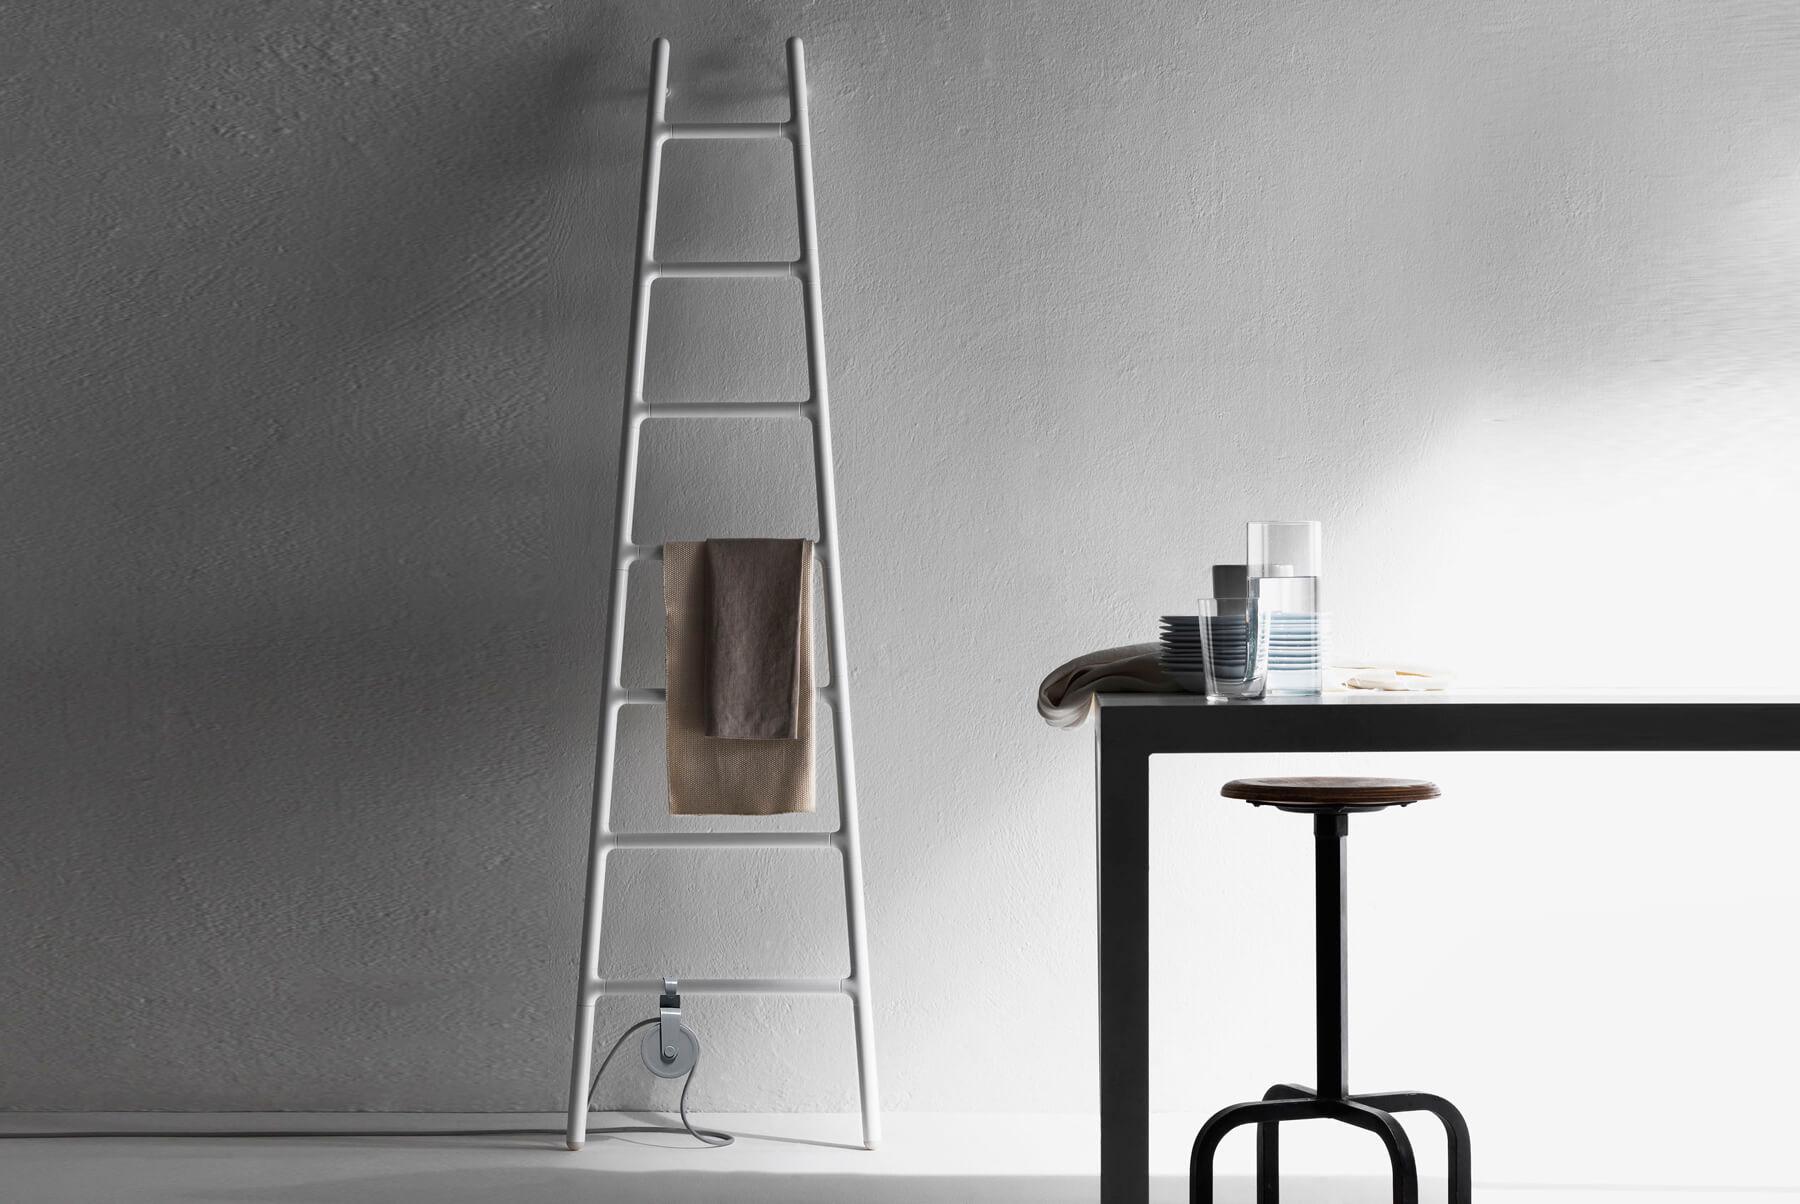 Radiators-&-Towel-Warmers-Tubes-Radiatori-Scaletta-Inset-6-1800x1204